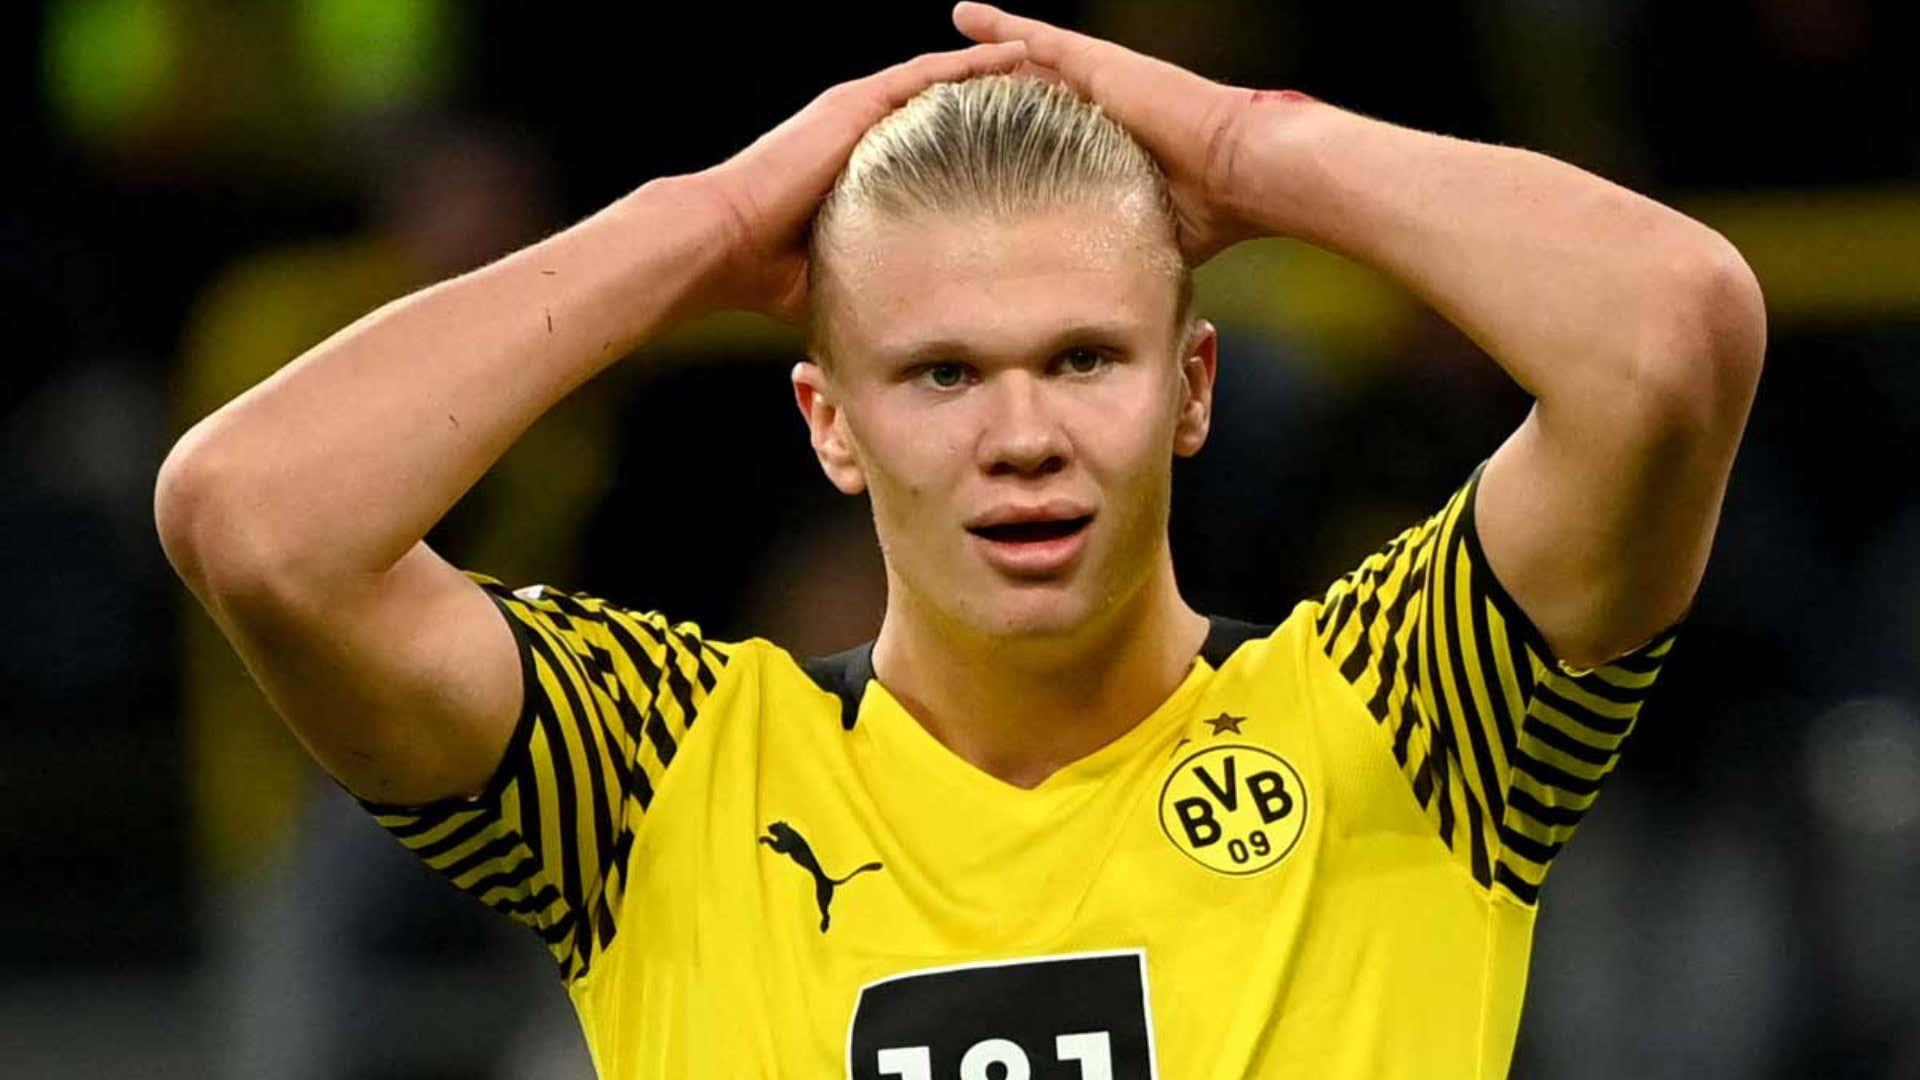 BVB, News und Gerüchte: Ajax wollte wohl Bellingham verpflichten, Bayern spielen Haaland-Wechsel durch - alle News zu Borussia Dortmund heute   Goal.com